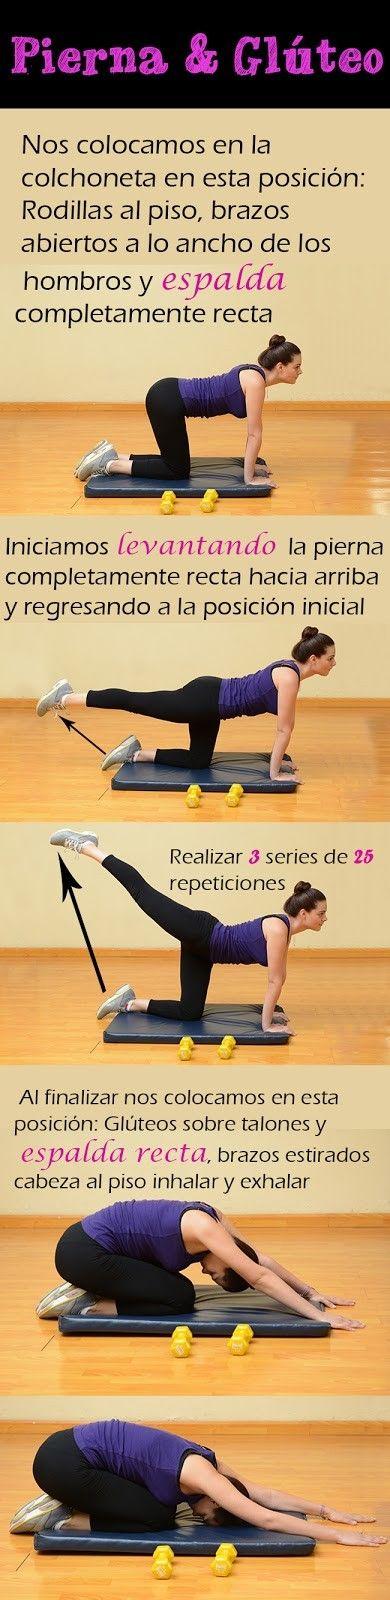 Rutina de ejercicio para piernas y glúteo